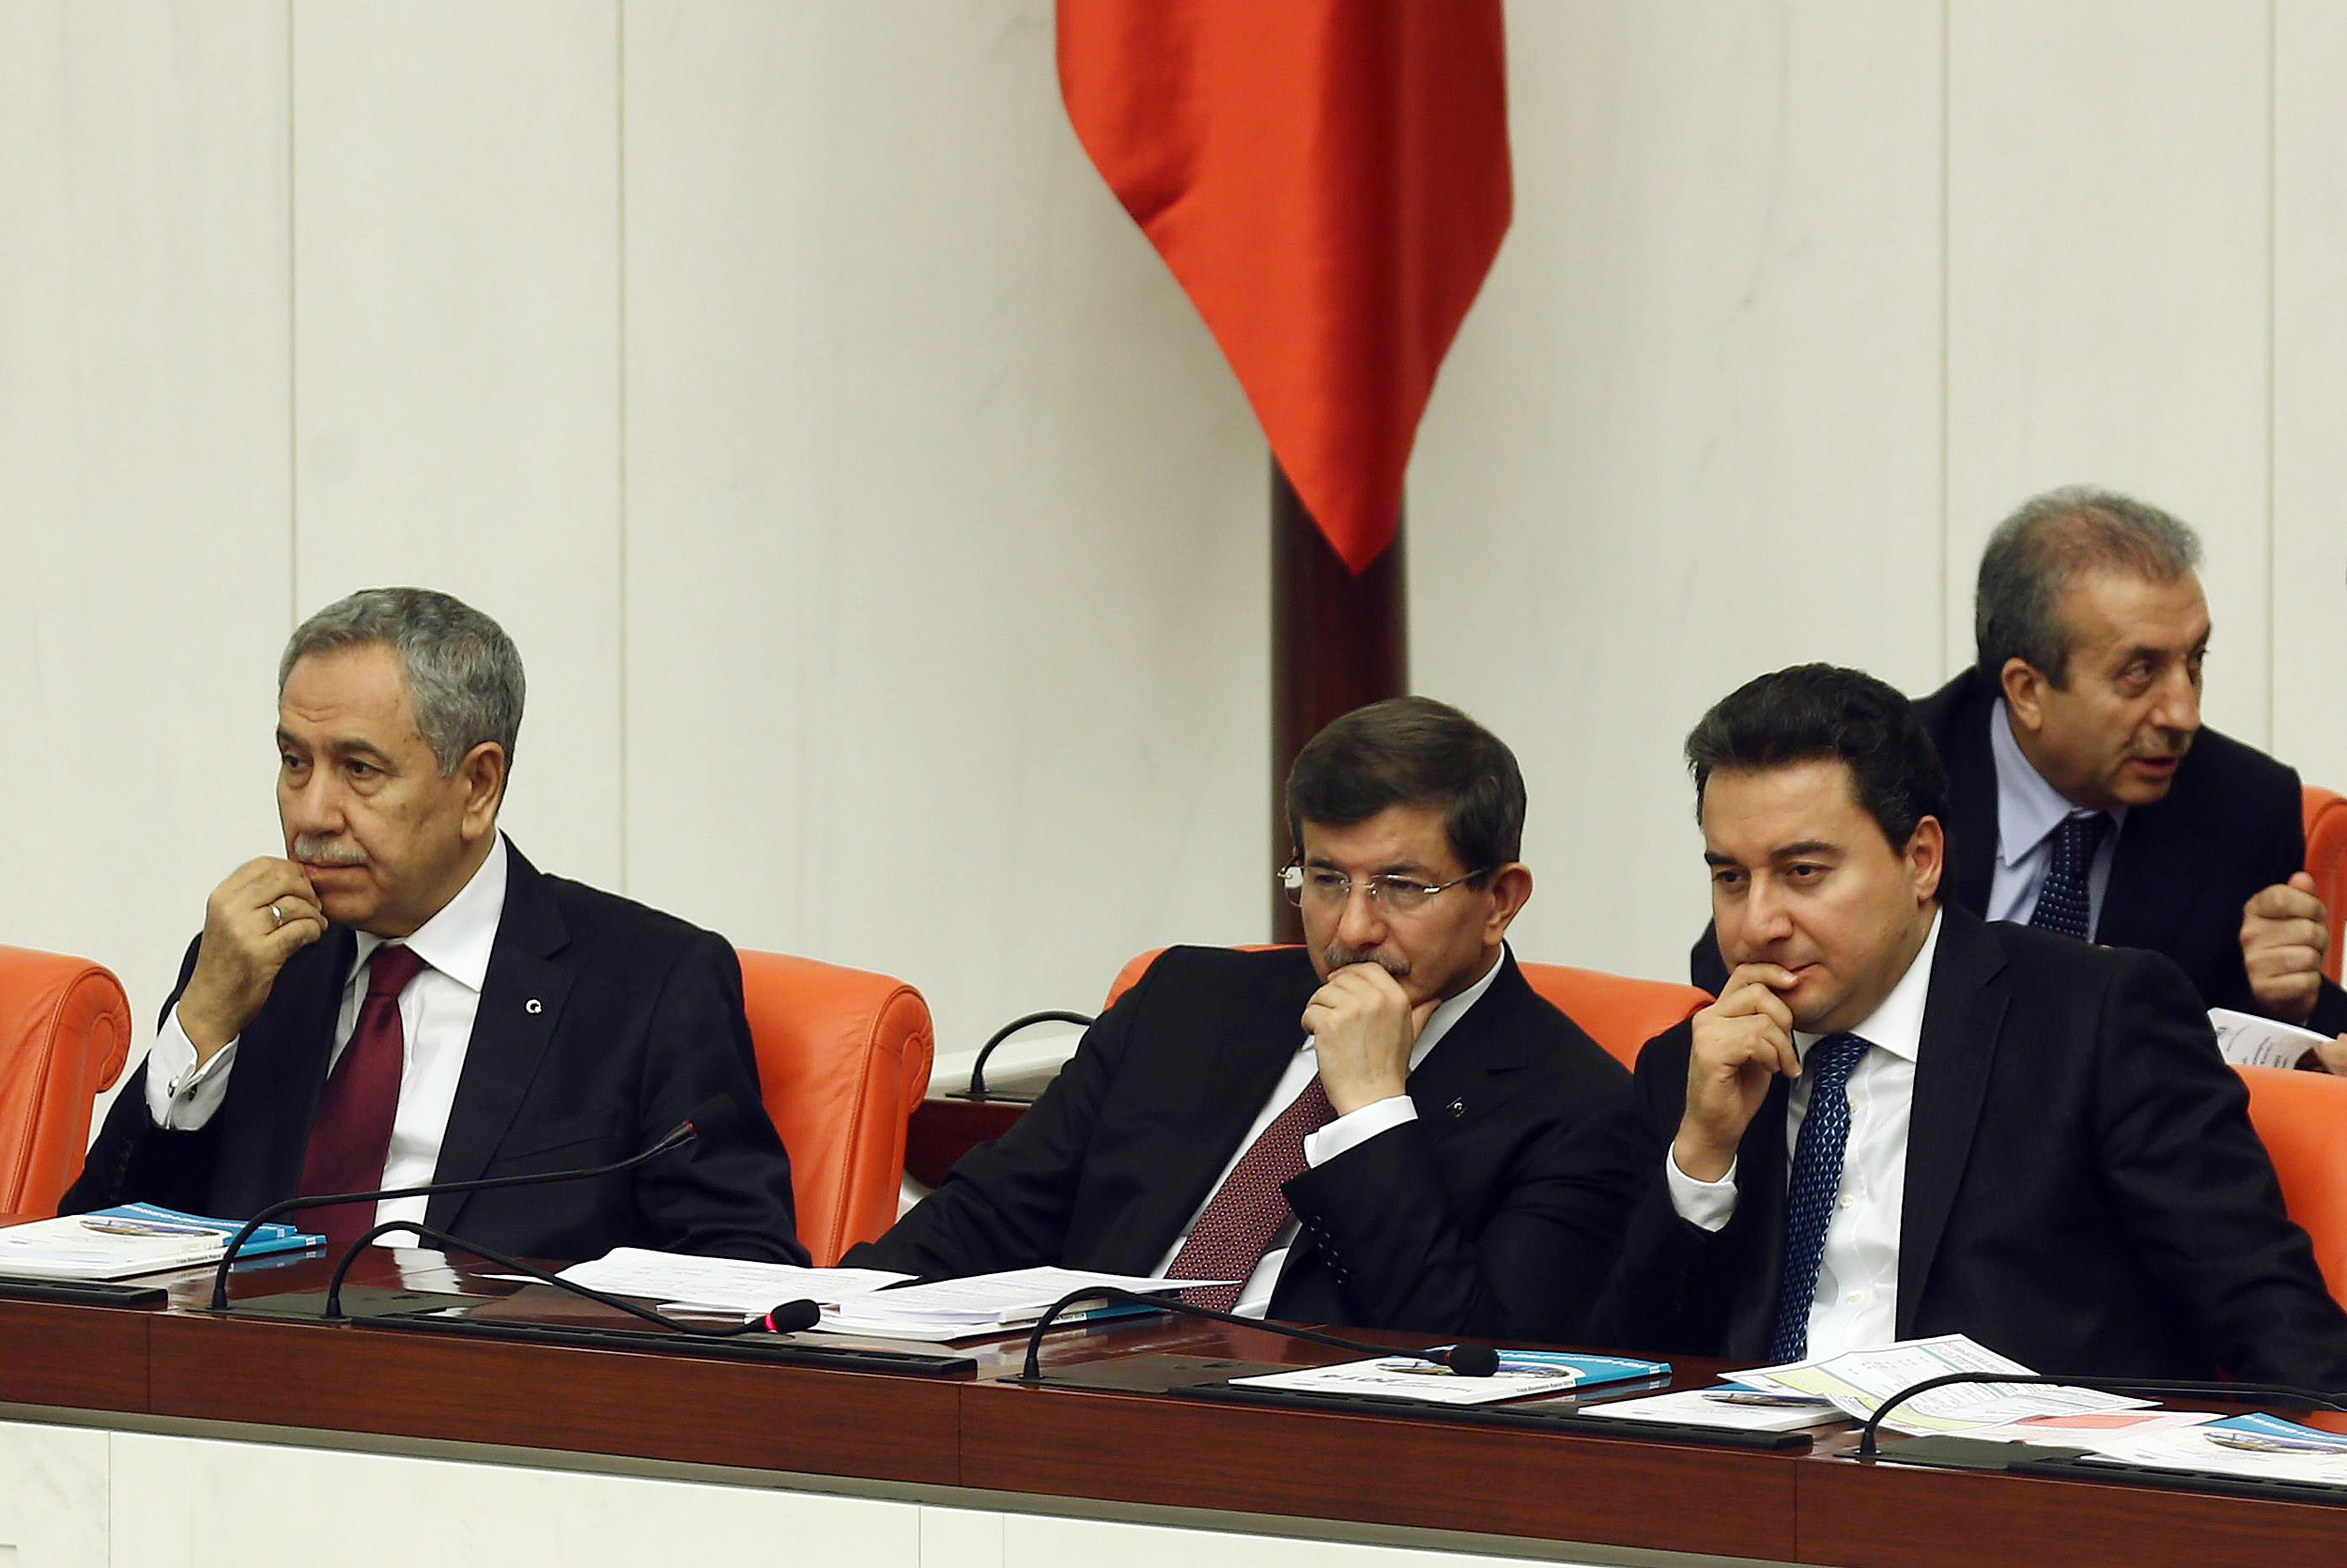 على اليمين ورئيس الوزراء السابق أحمد داوود أوغلو، وفي الوسط ر وزير الاقتصاد السابق علي باباجان